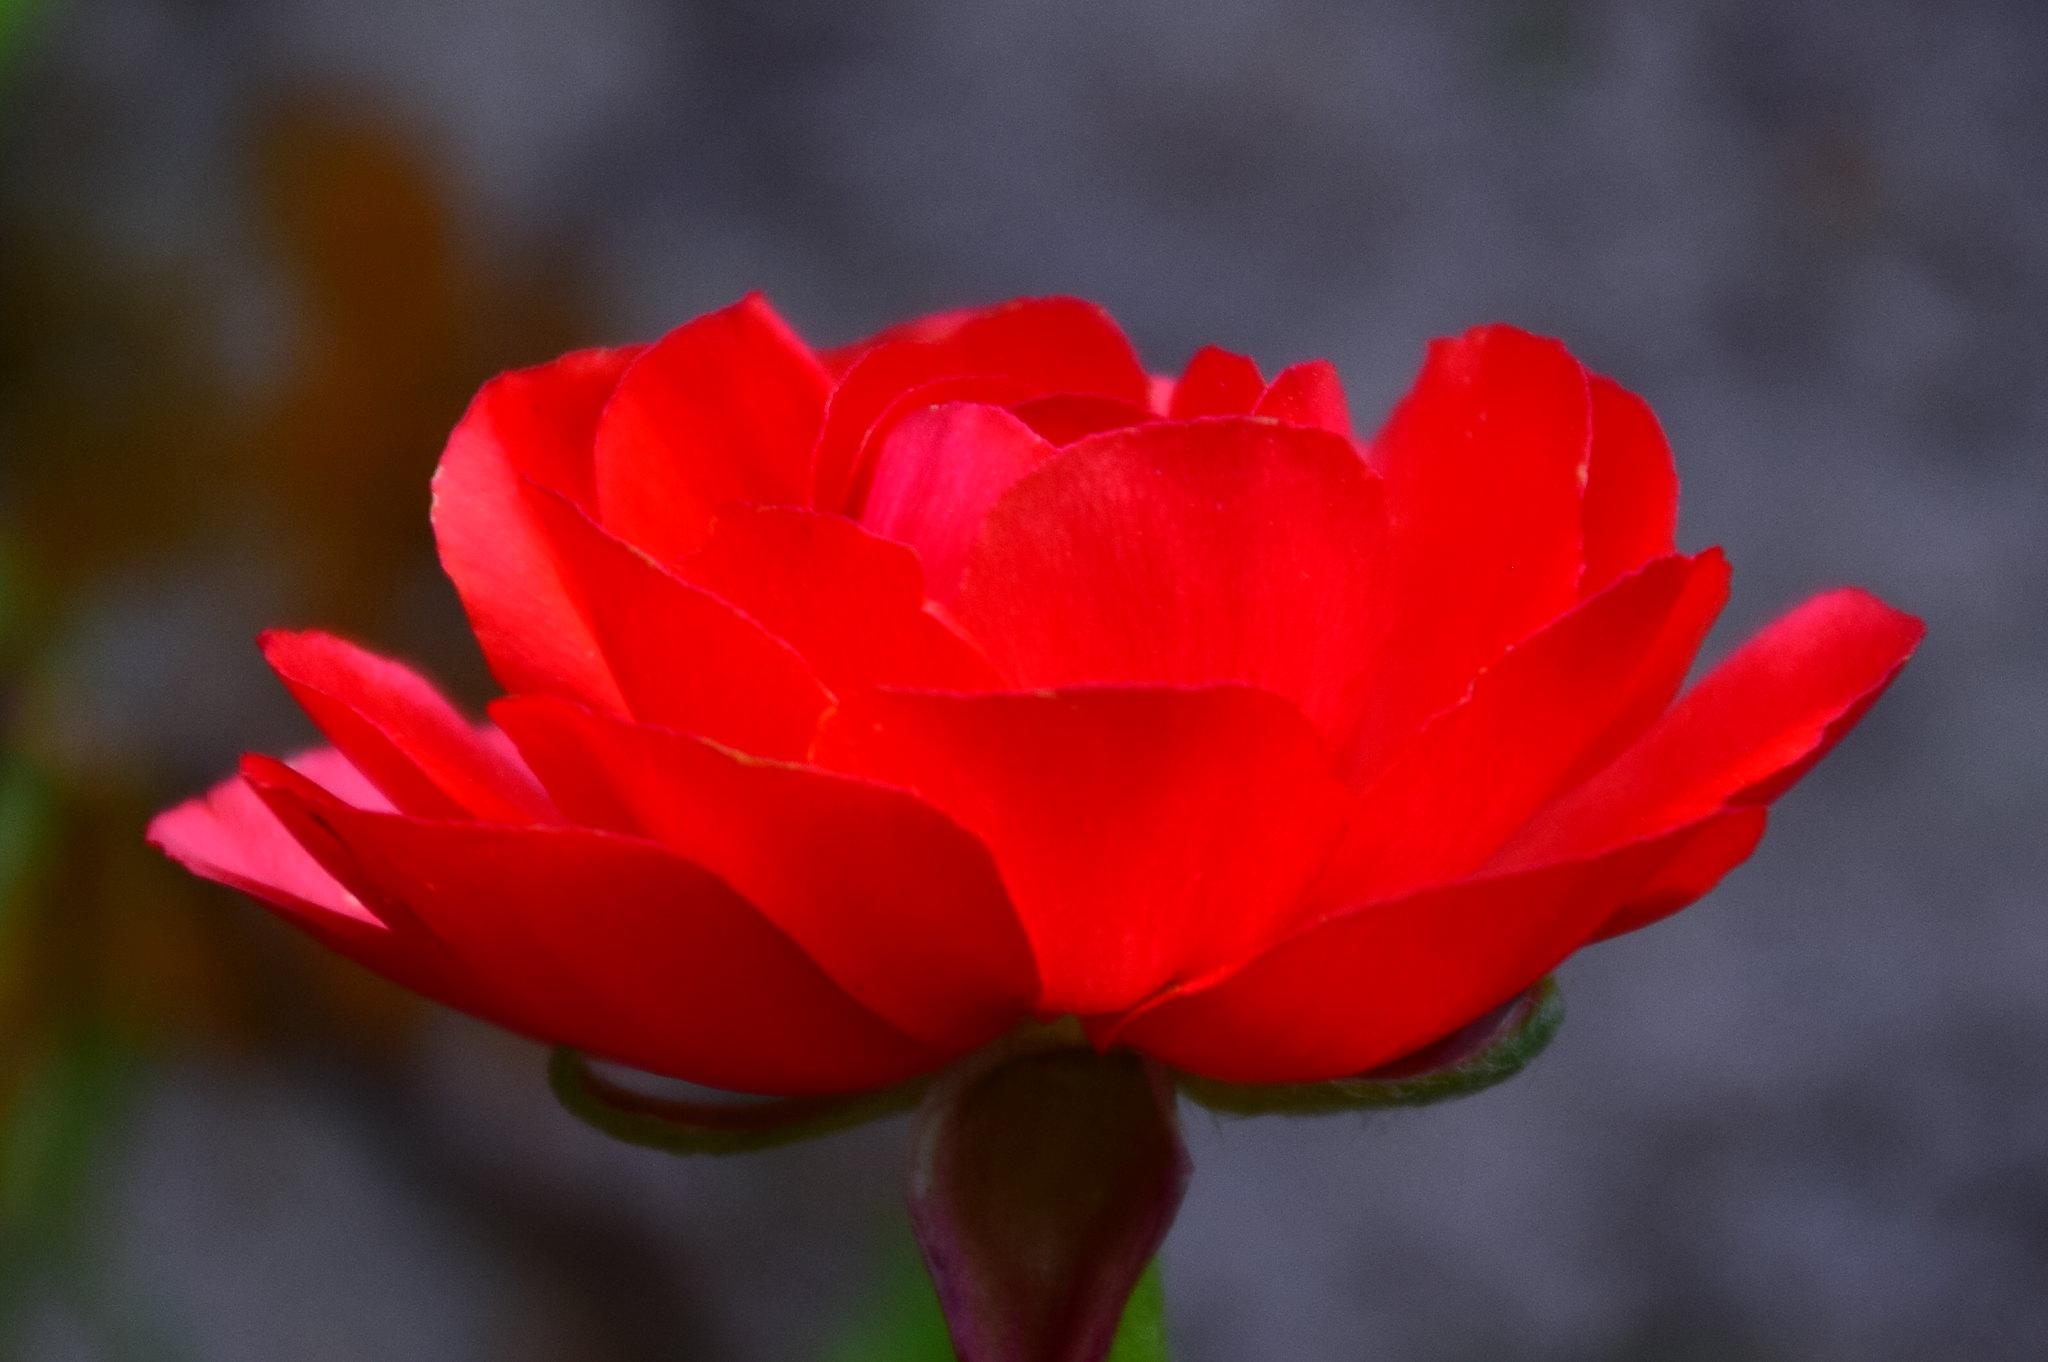 花花世界-陸蓮花 - mp86840127的創作 - 巴哈姆特